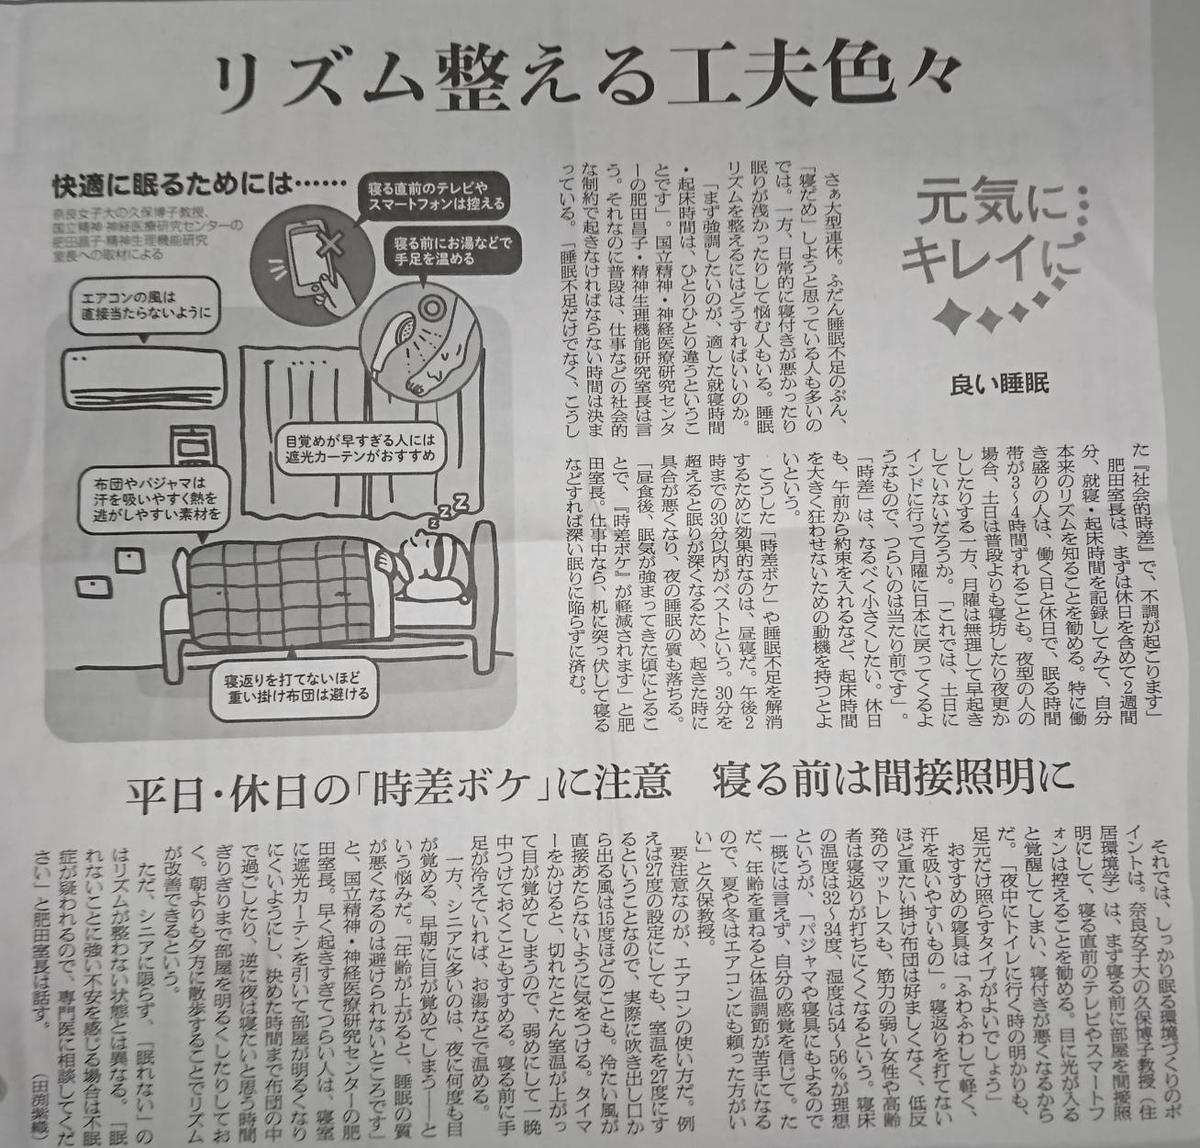 f:id:kazura-kobayashi:20200616084521j:plain